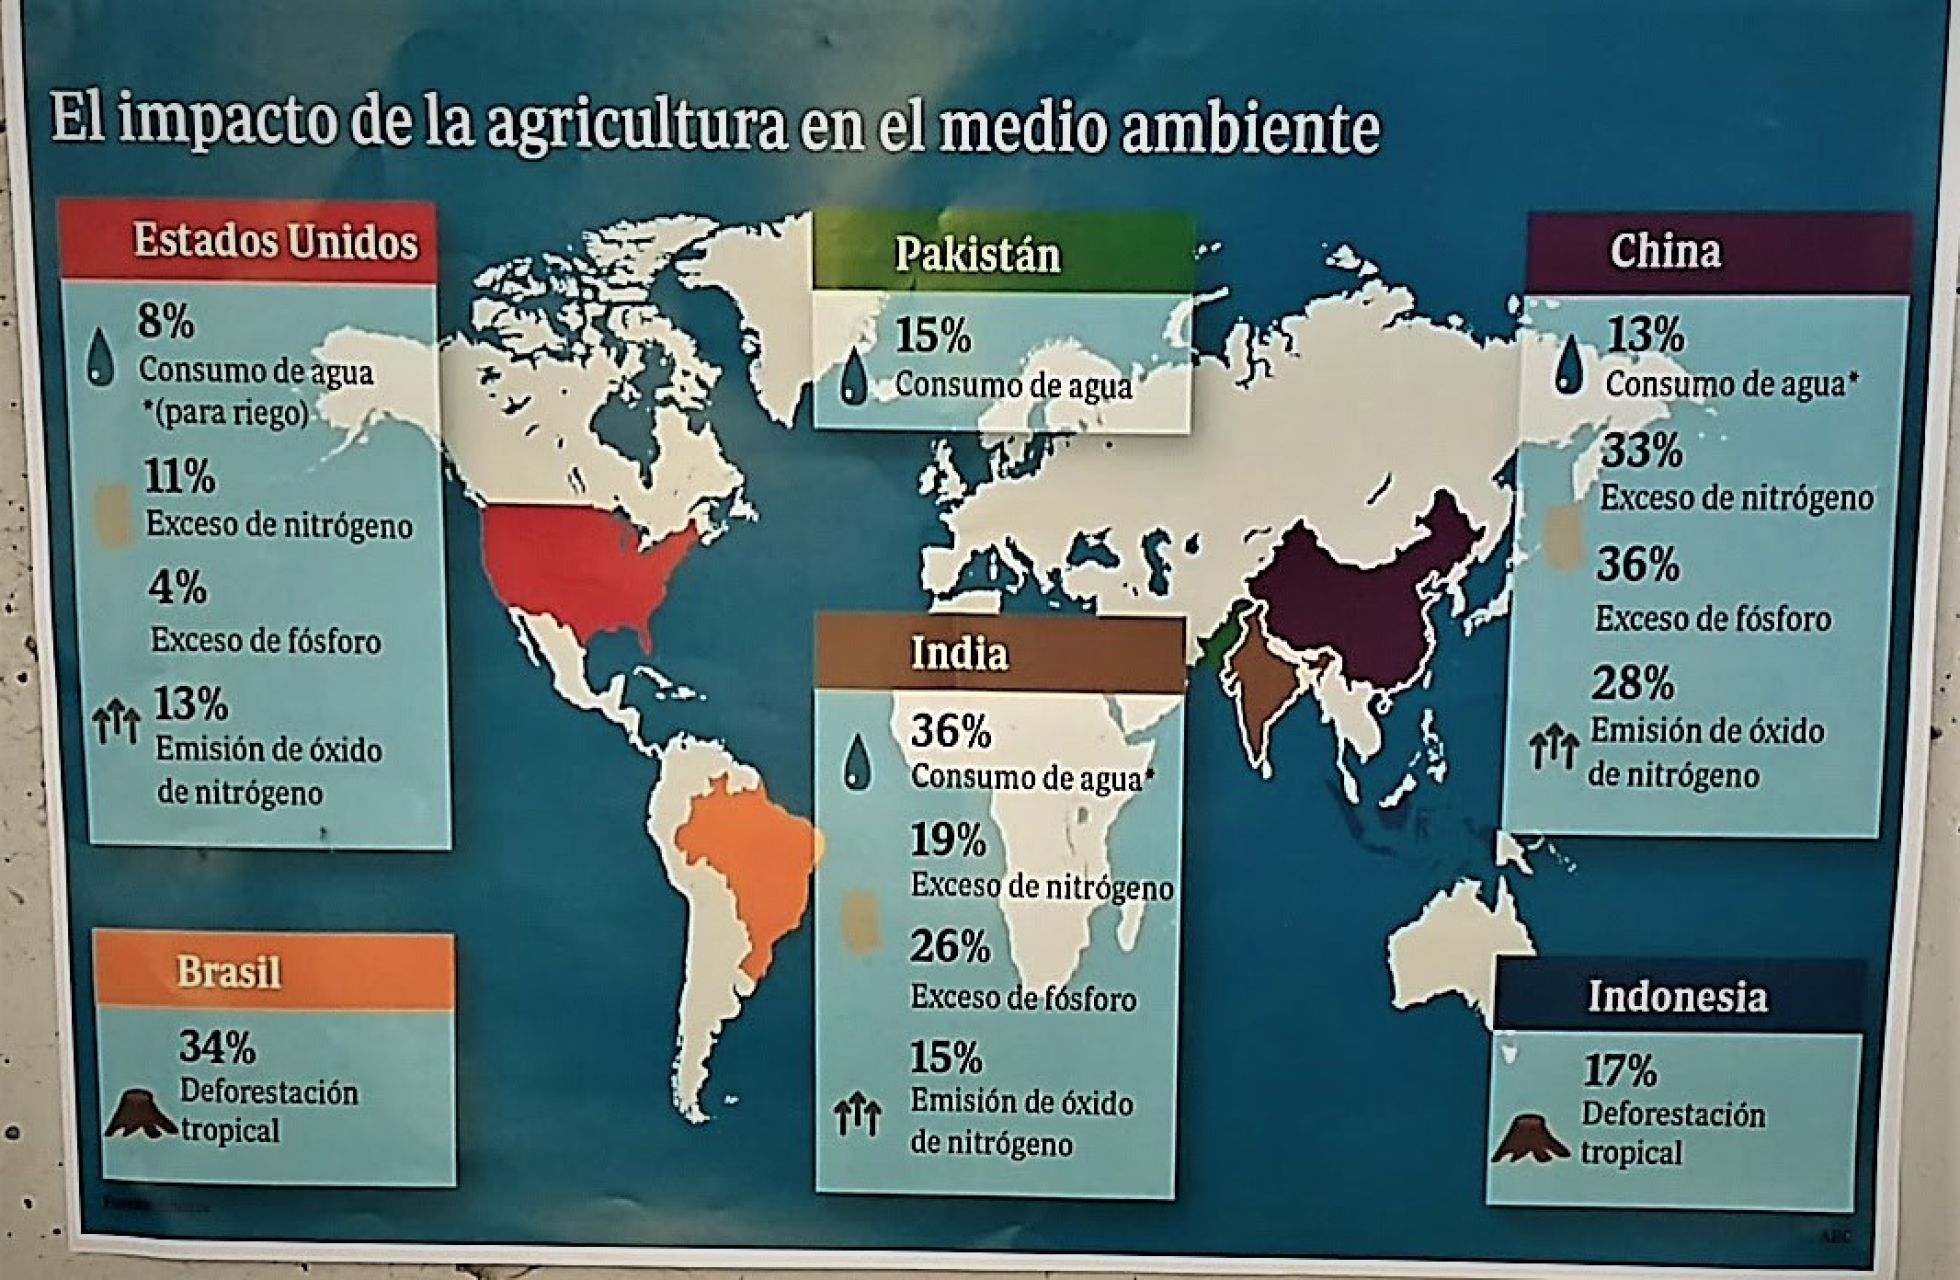 Agricultura y medio ambiente | Mª EUGENIA PÉREZ, IES 'ÍTACA'